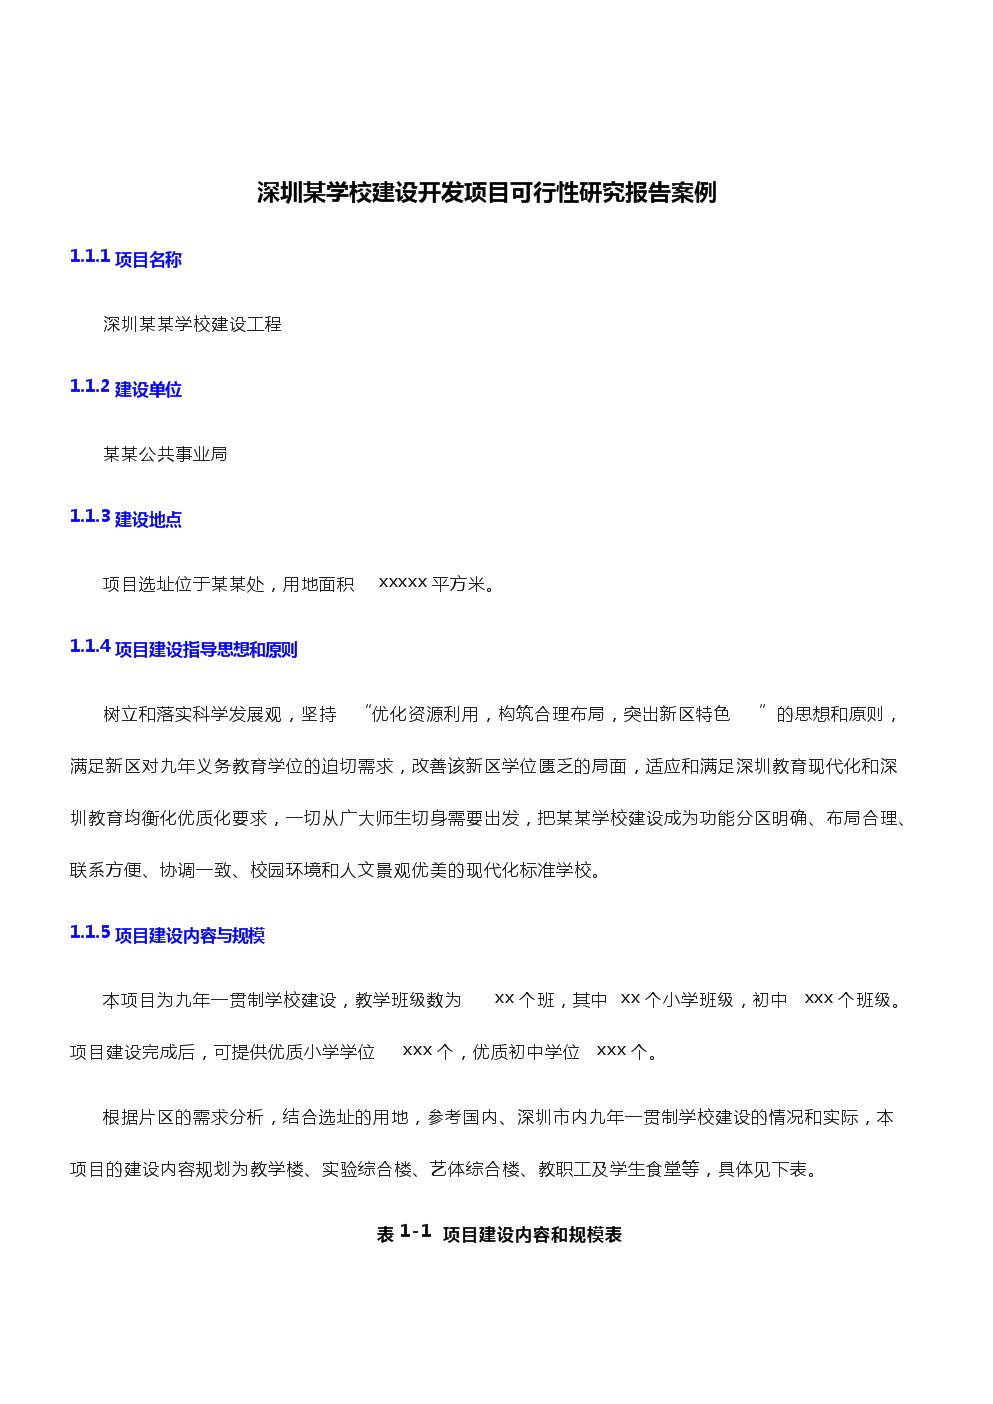 深圳某学校建设开发项目可行性研究报告案例.docx